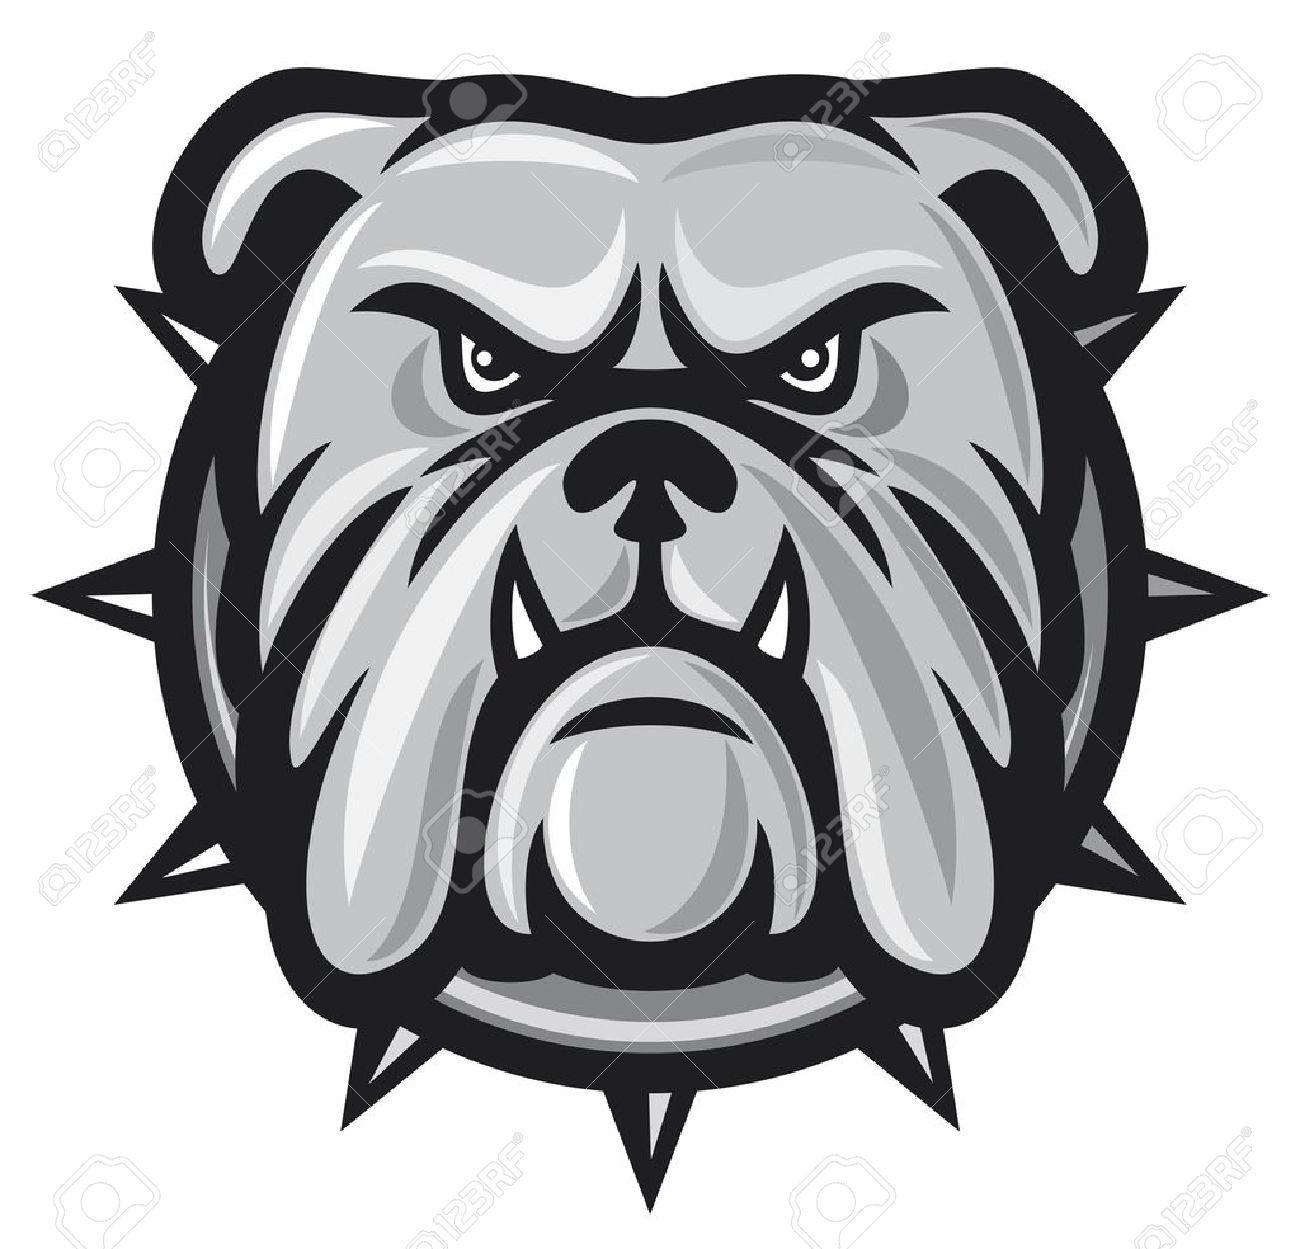 1300x1249 Cartoon Bulldog Face Collection